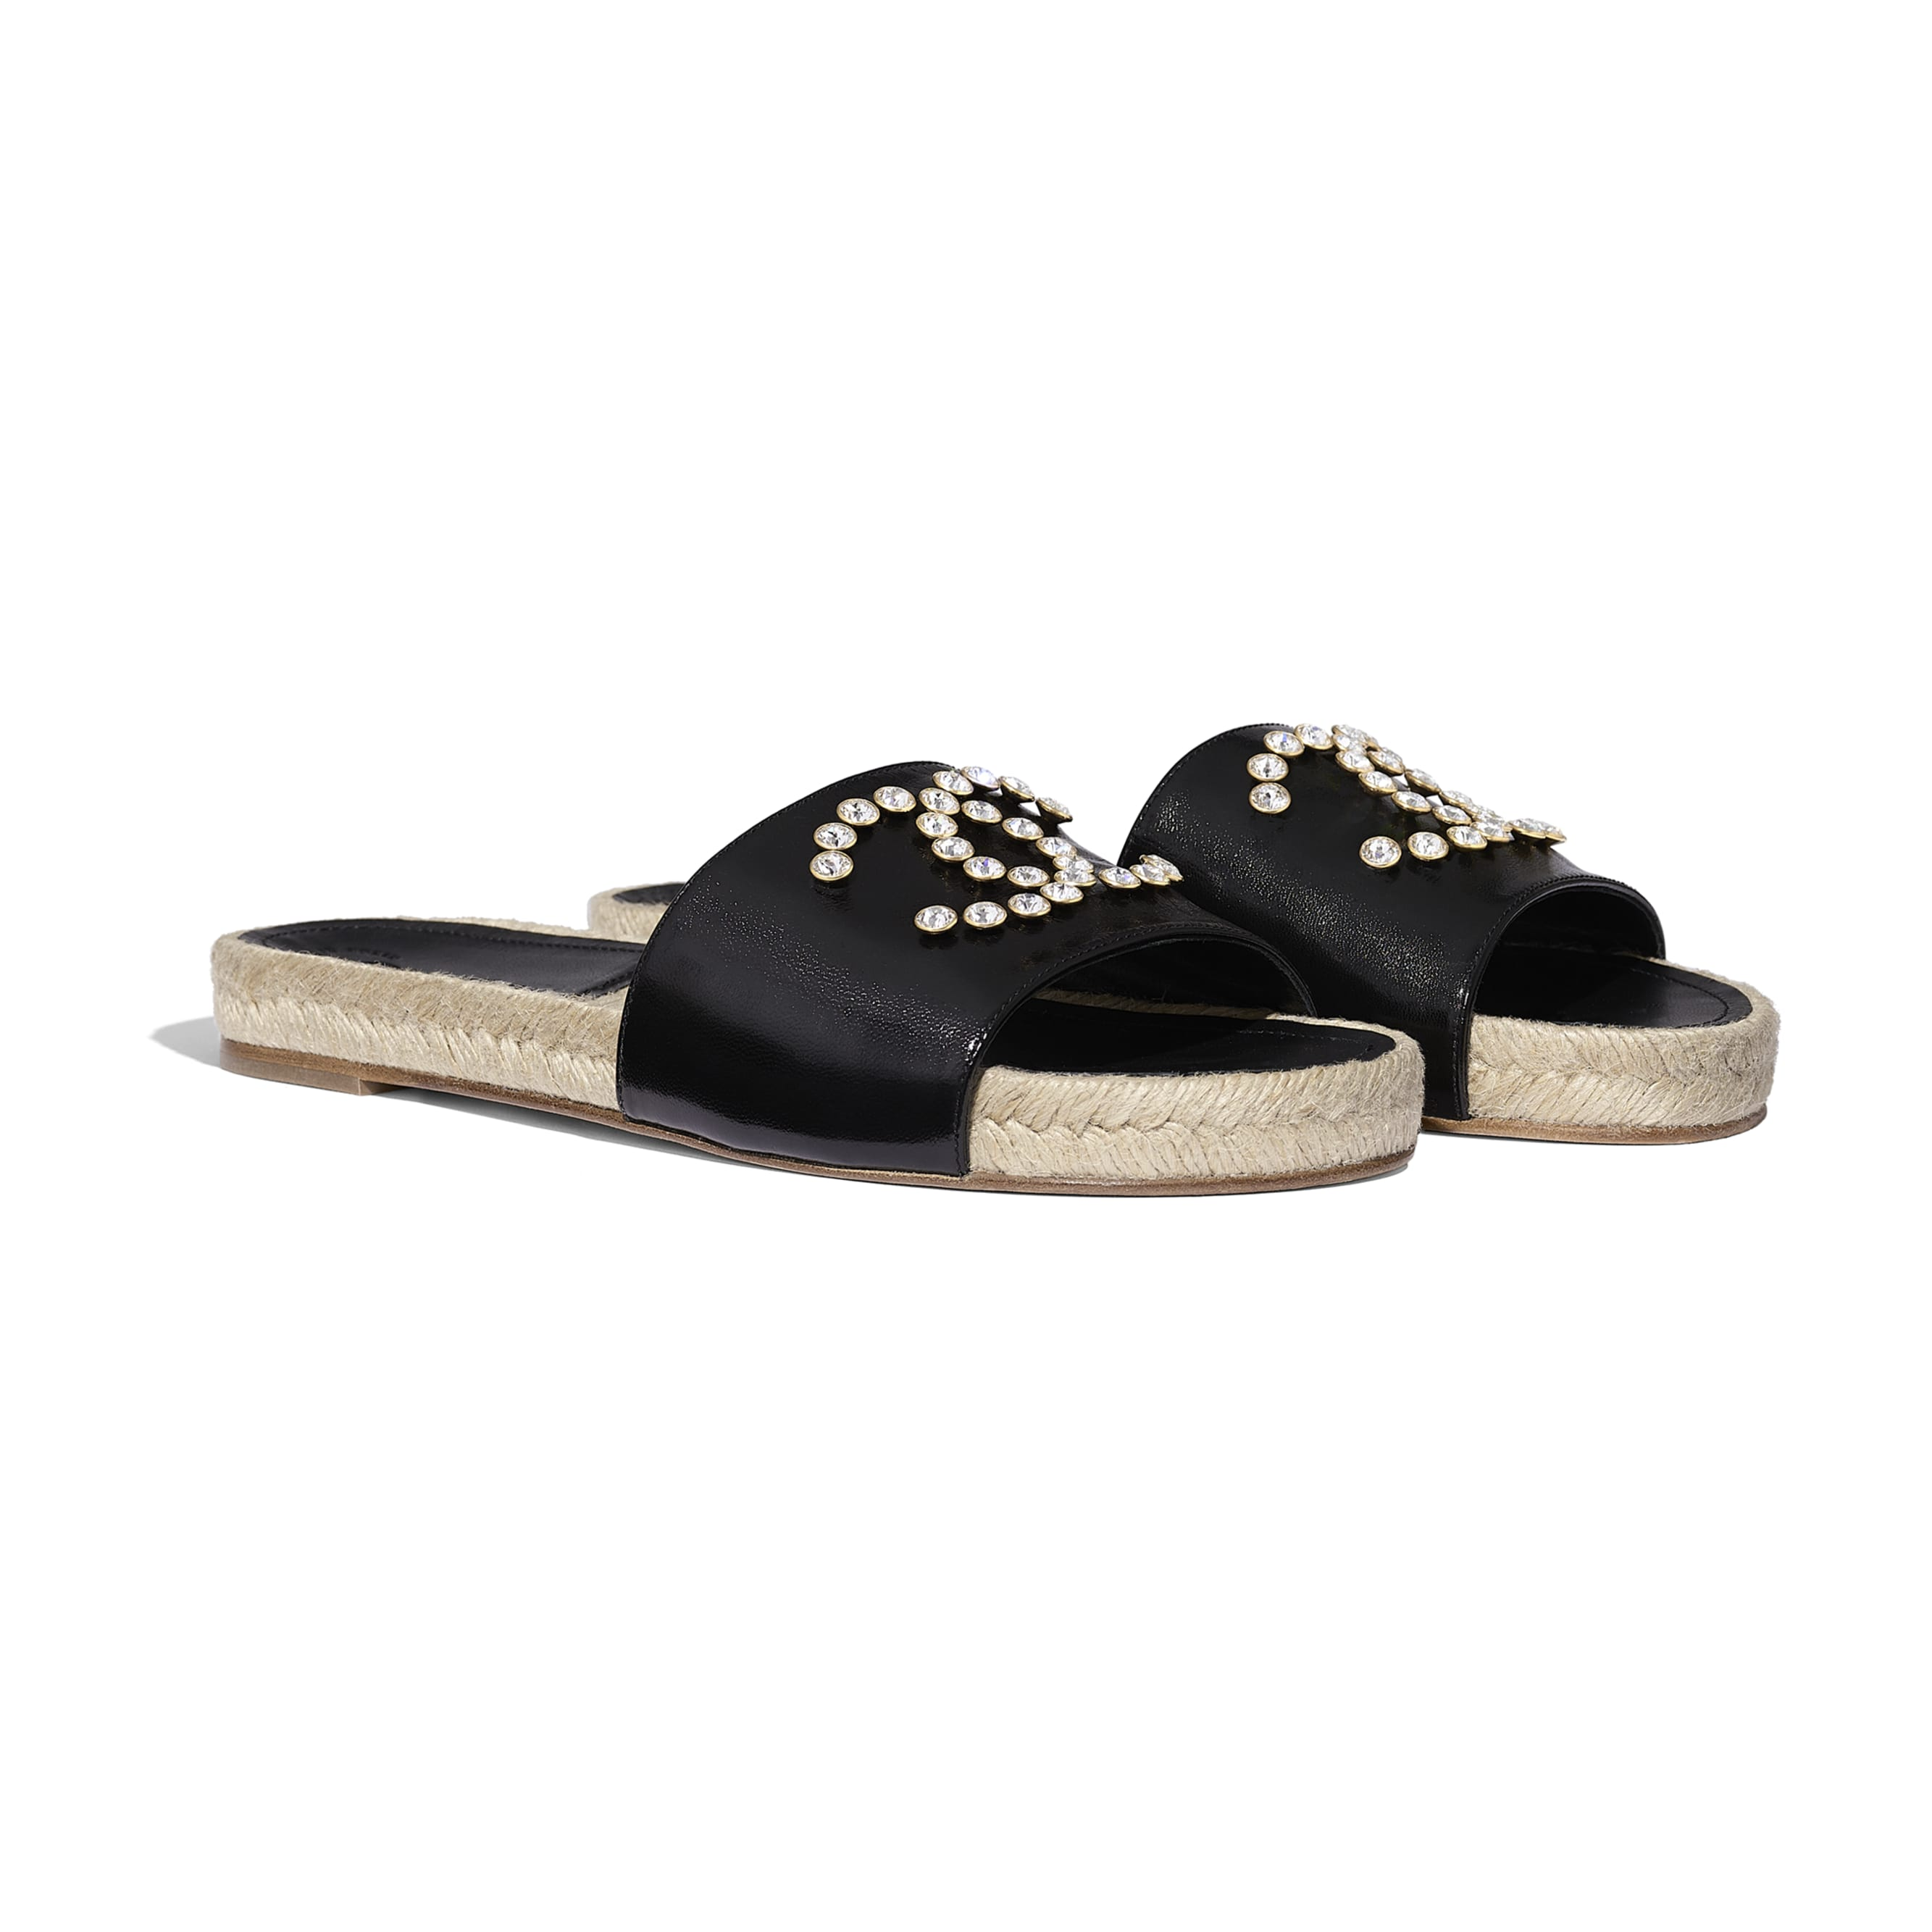 蜜兒拖鞋 - 黑 - 小牛漆皮 - 替代視圖 - 查看標準尺寸版本